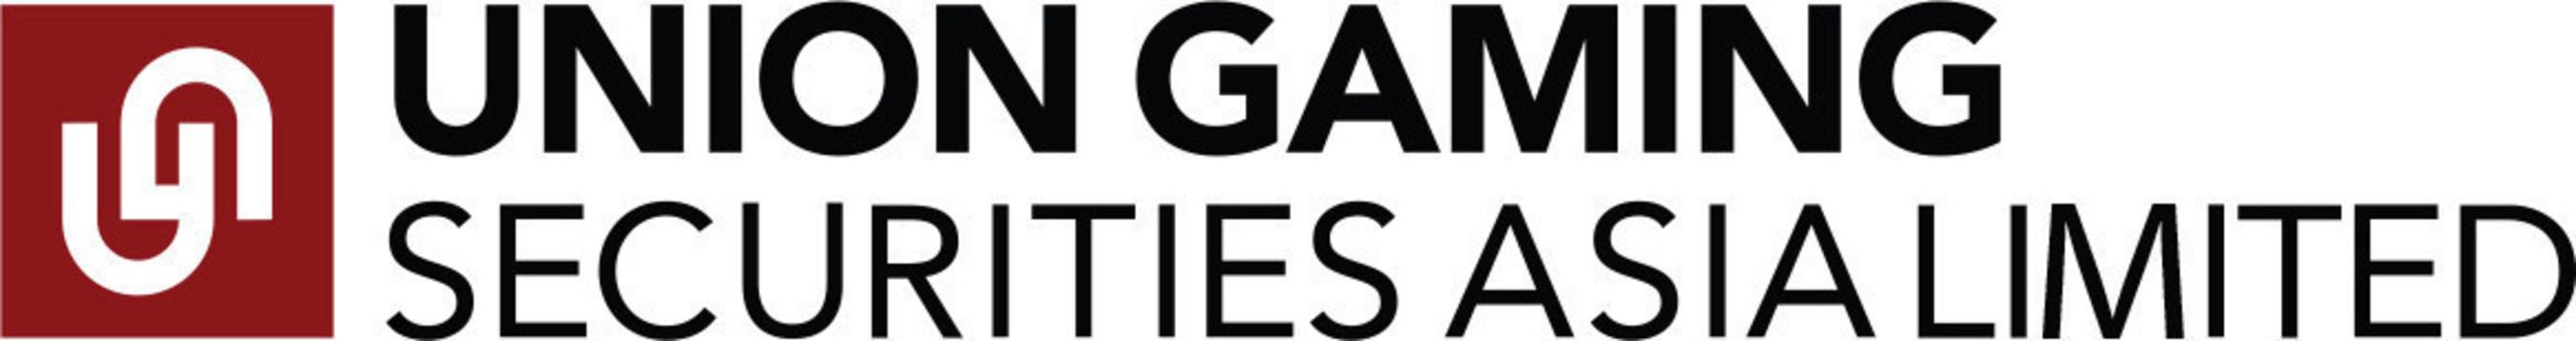 Union Gaming gibt offizielle Hongkong-Eröffnung bekannt